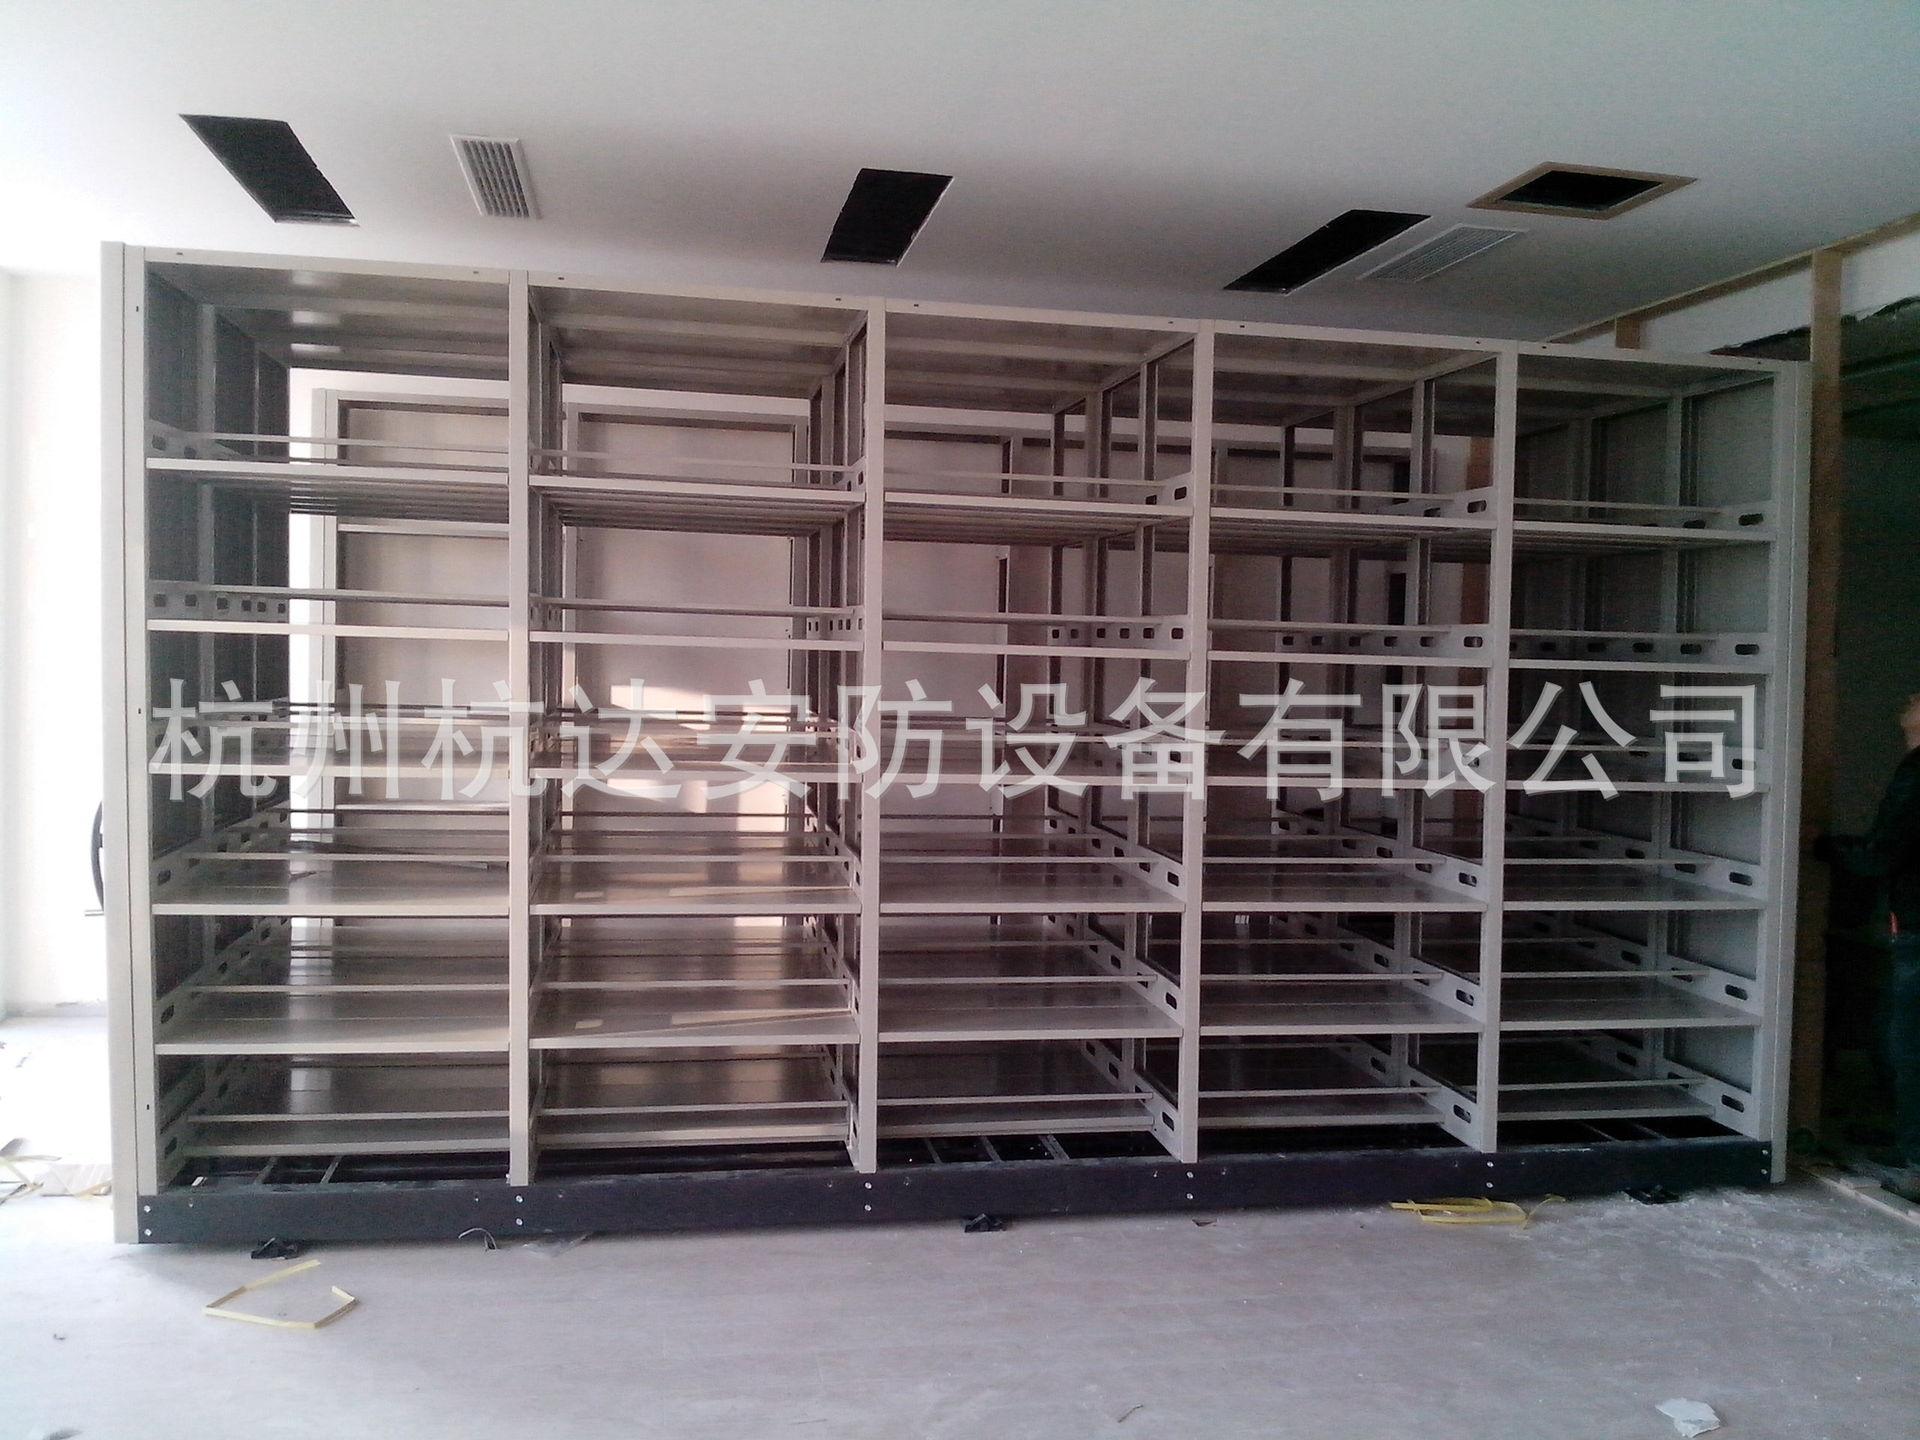 手动移动密集架钢质文件柜品牌文件柜钢质办公家具2.3*2.85*0.56m